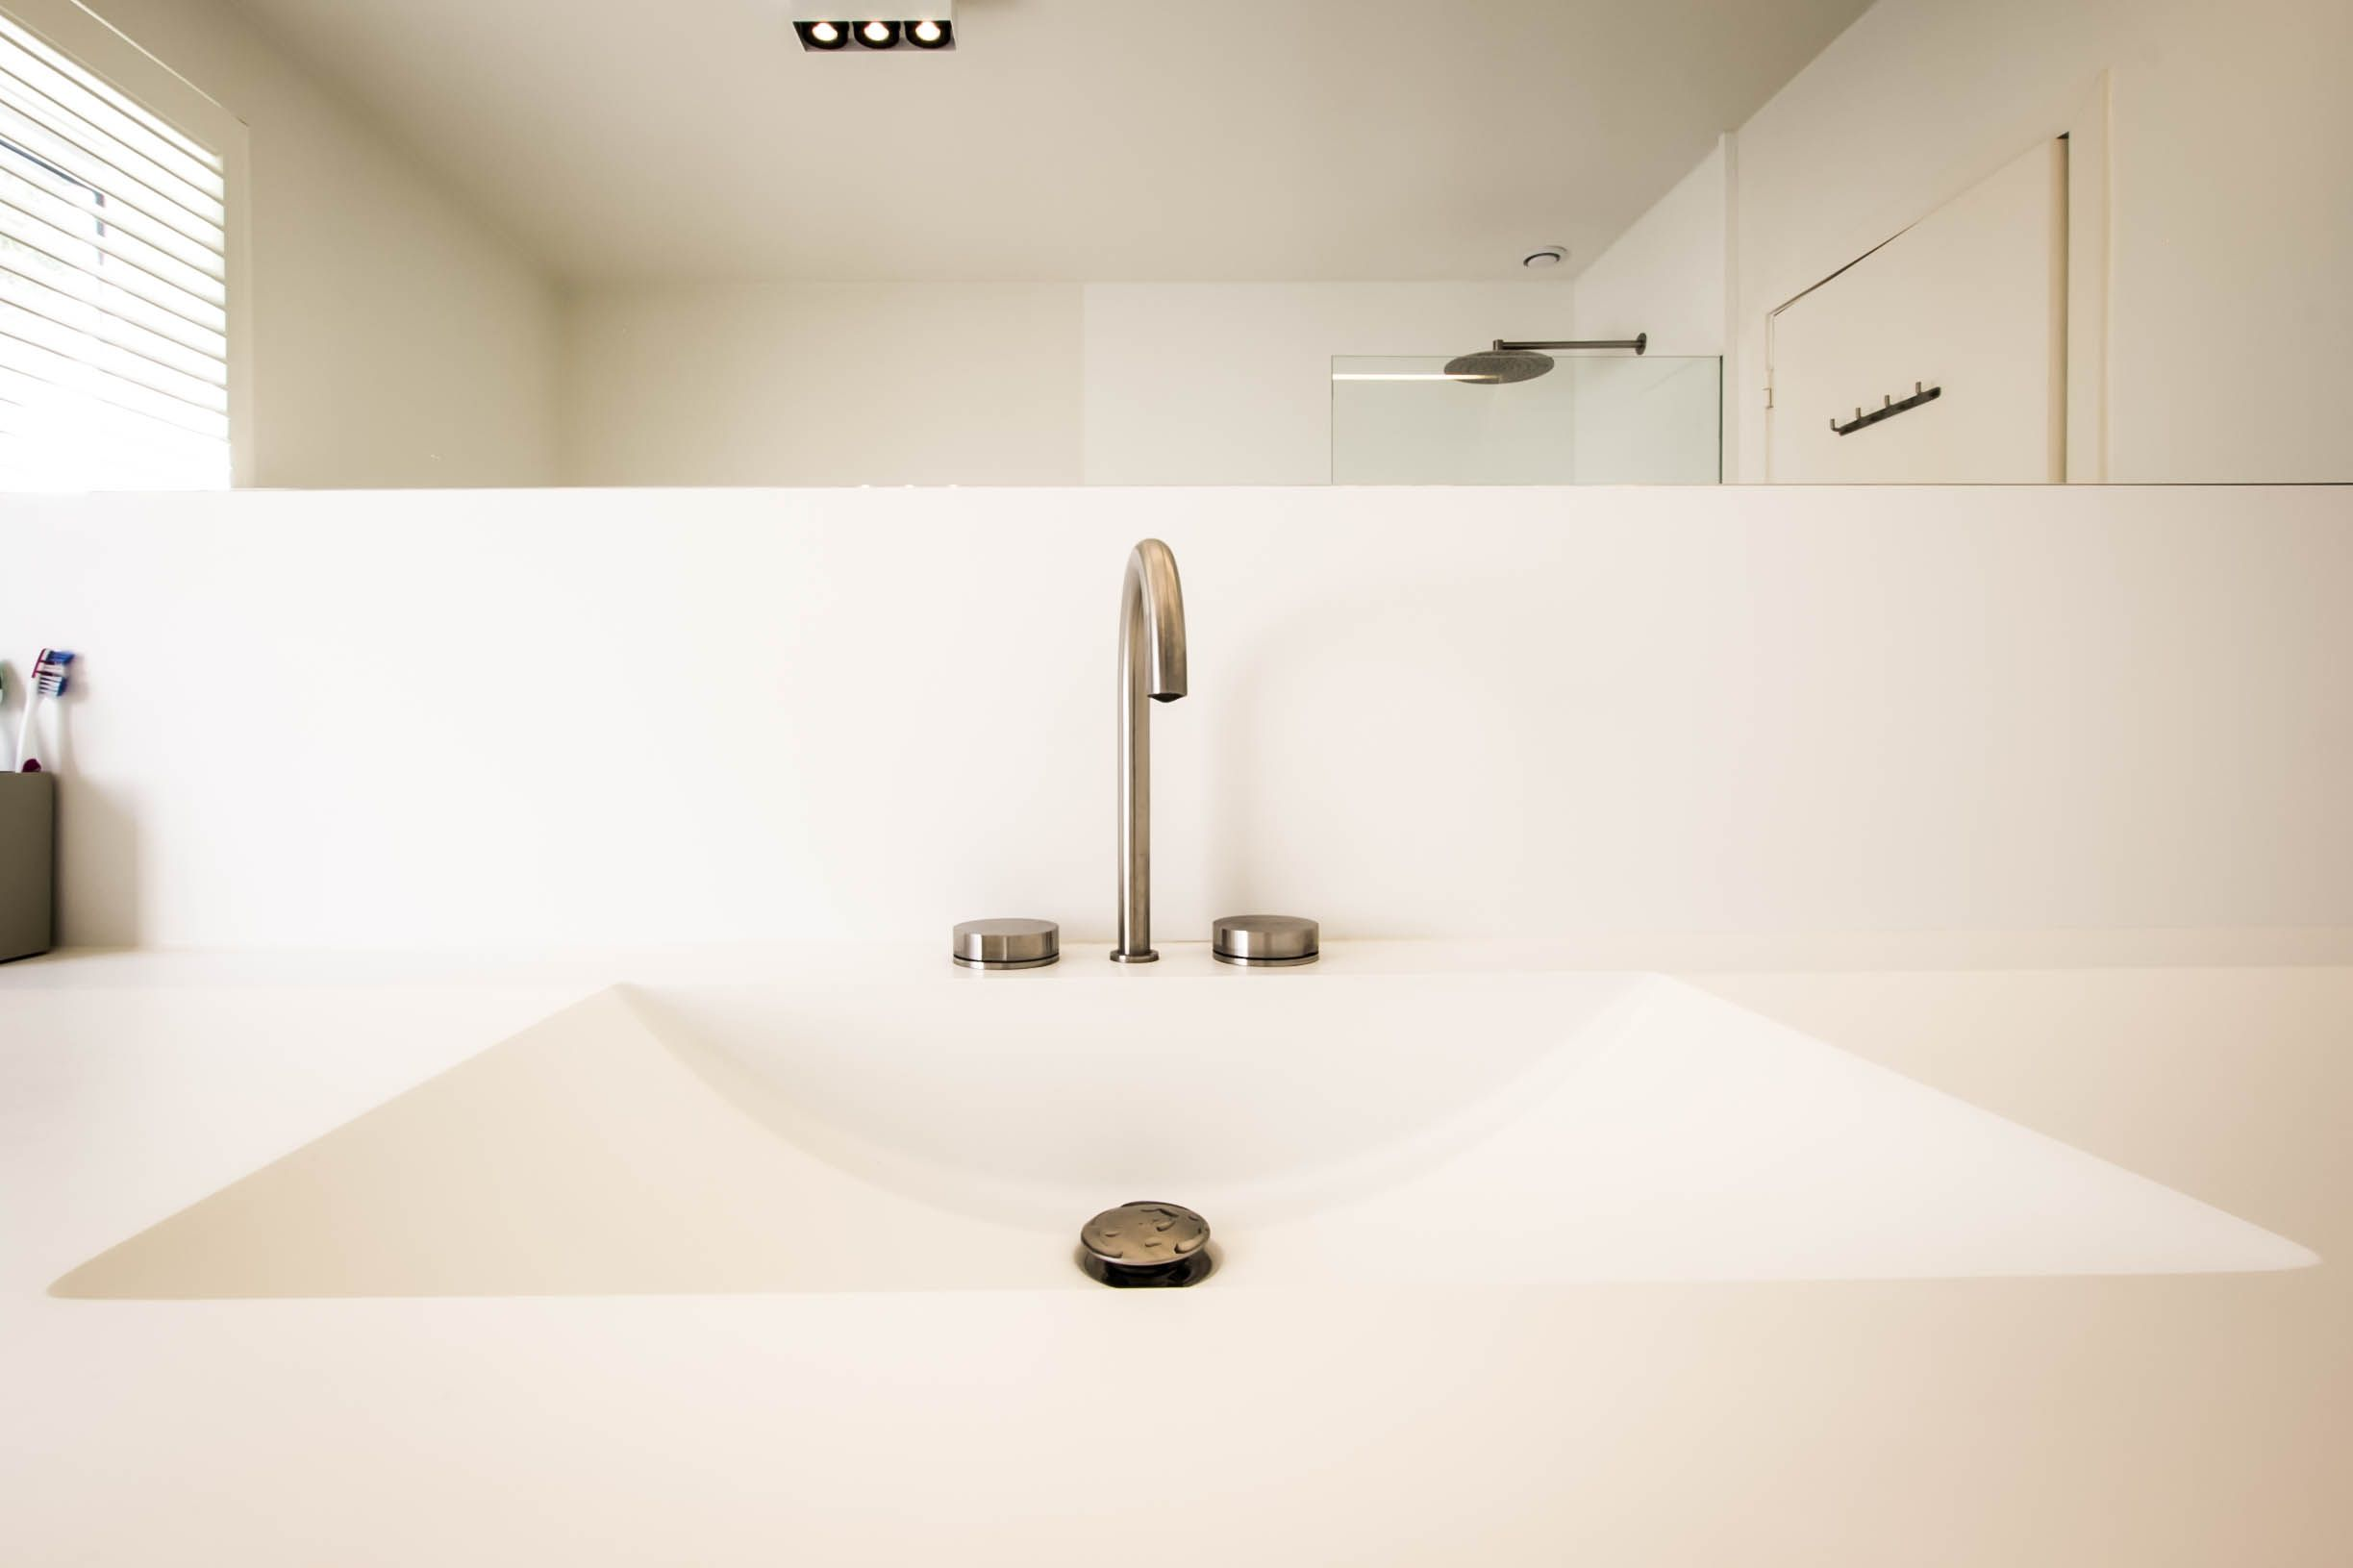 Wasbak Badkamer Inspiratie : Badkamerinspiratie. moderne badkamer. wasbak zonder lijnen in solid